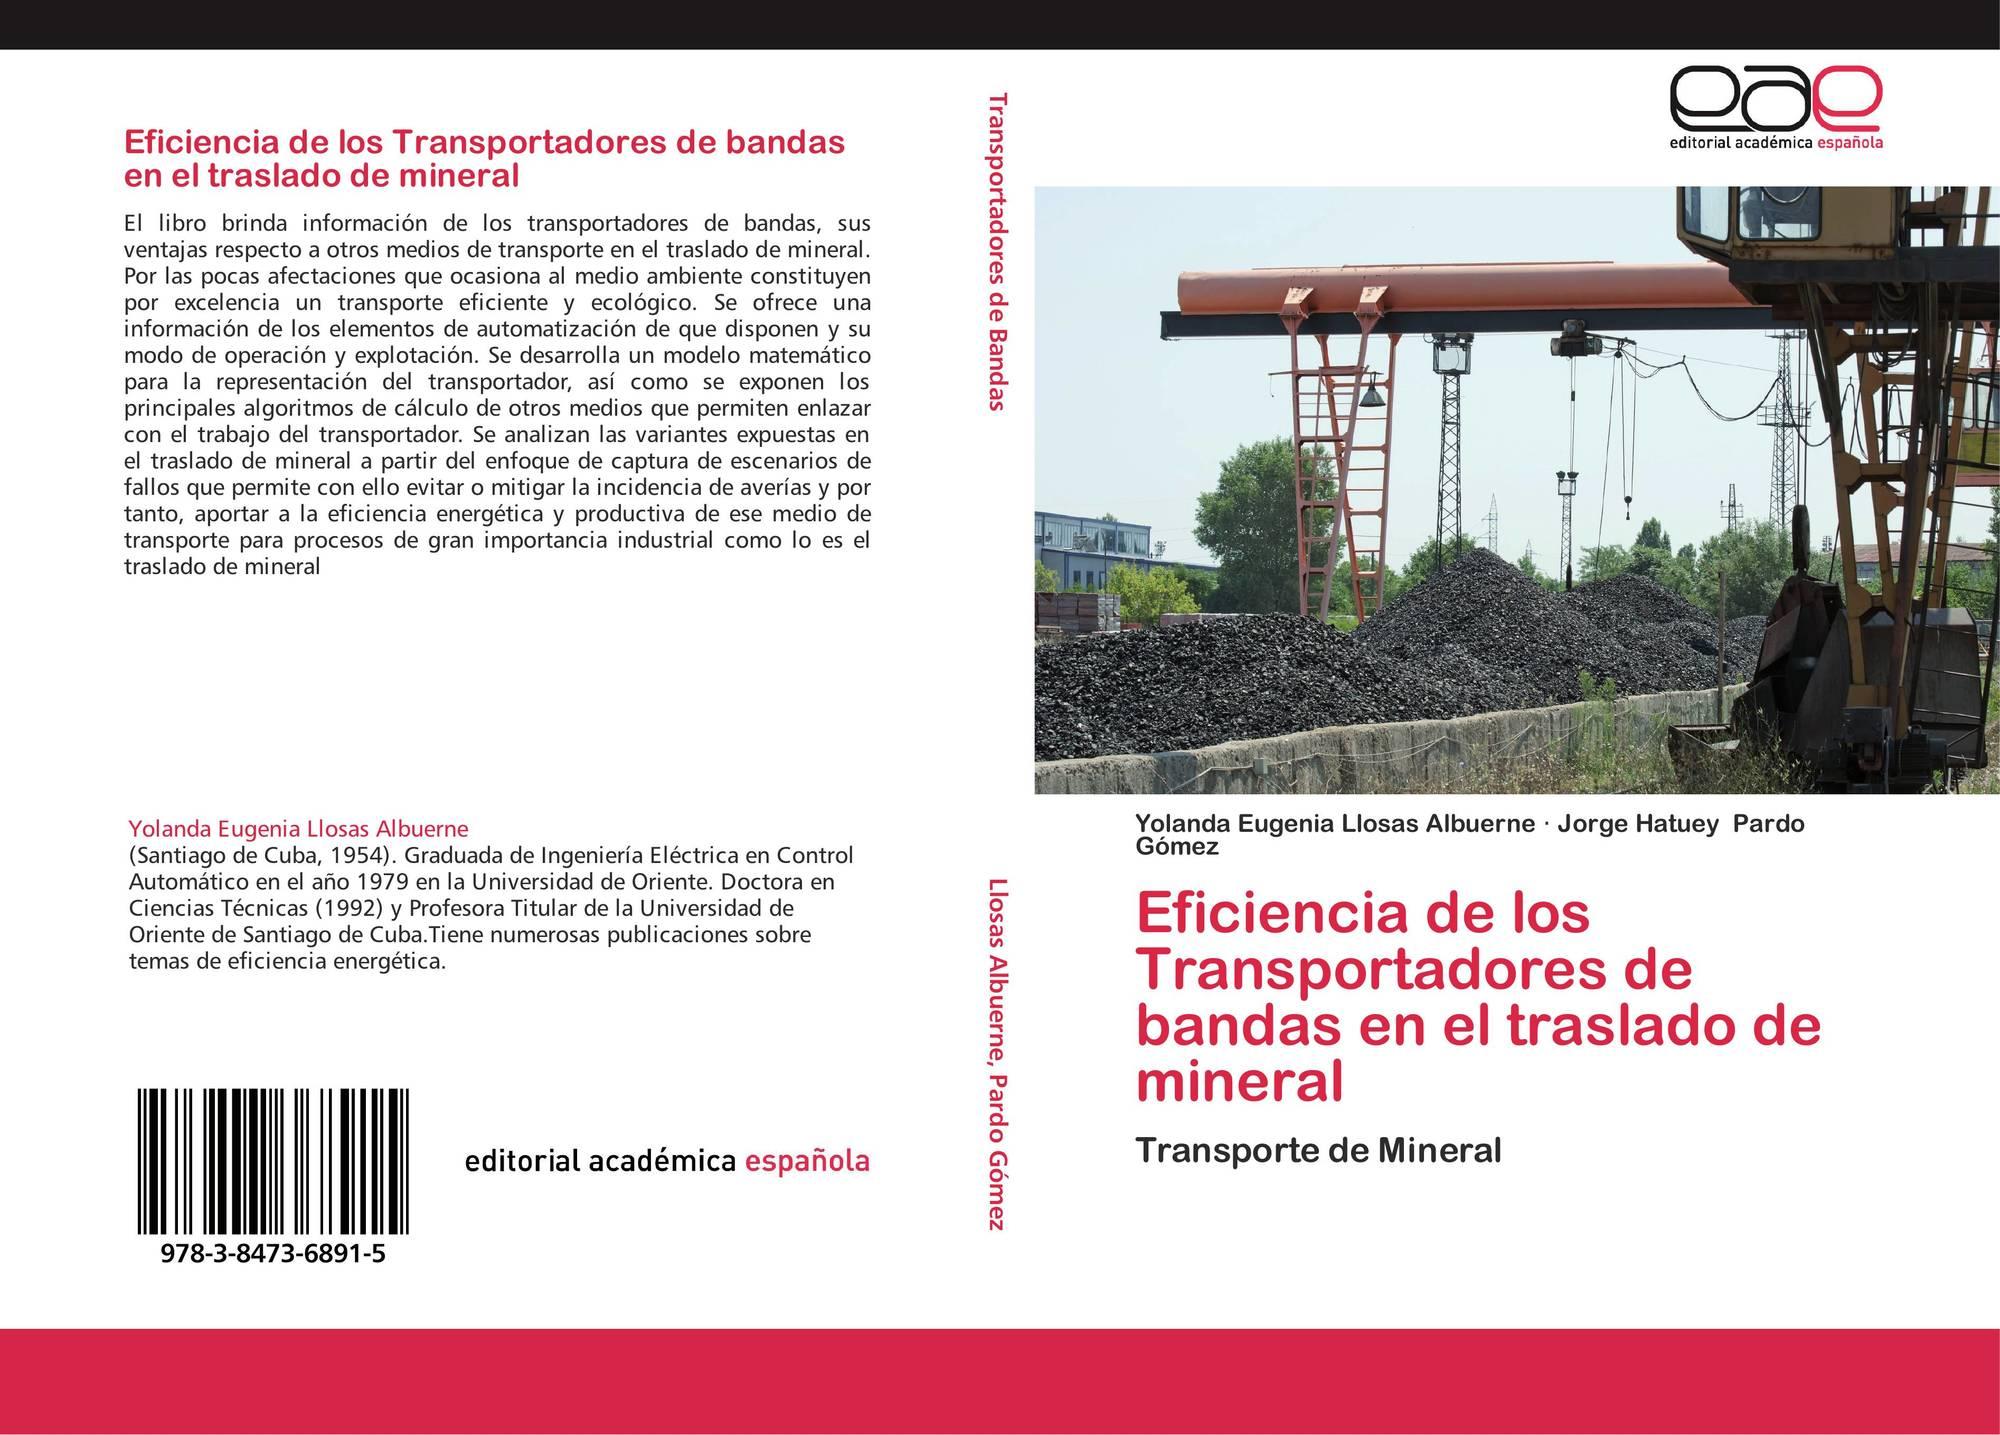 Portada del libro de eficiencia de los transportadores de bandas en el traslado de mineral